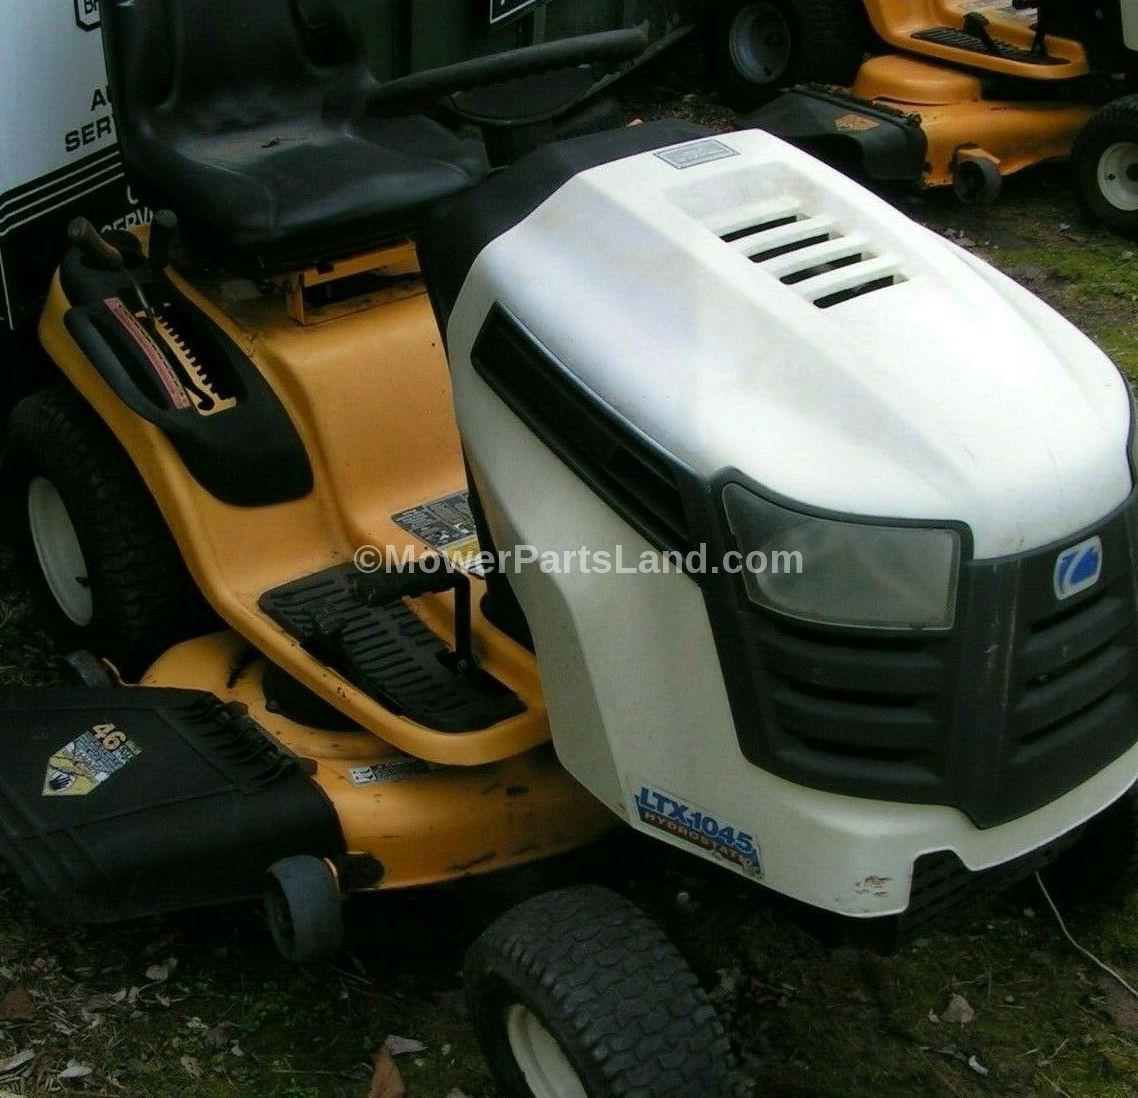 Carburetor For Cub Cadet LTX1045 (13AX91AT010, 13RX91AR056, 13WX91AT010)  Lawn Tractor